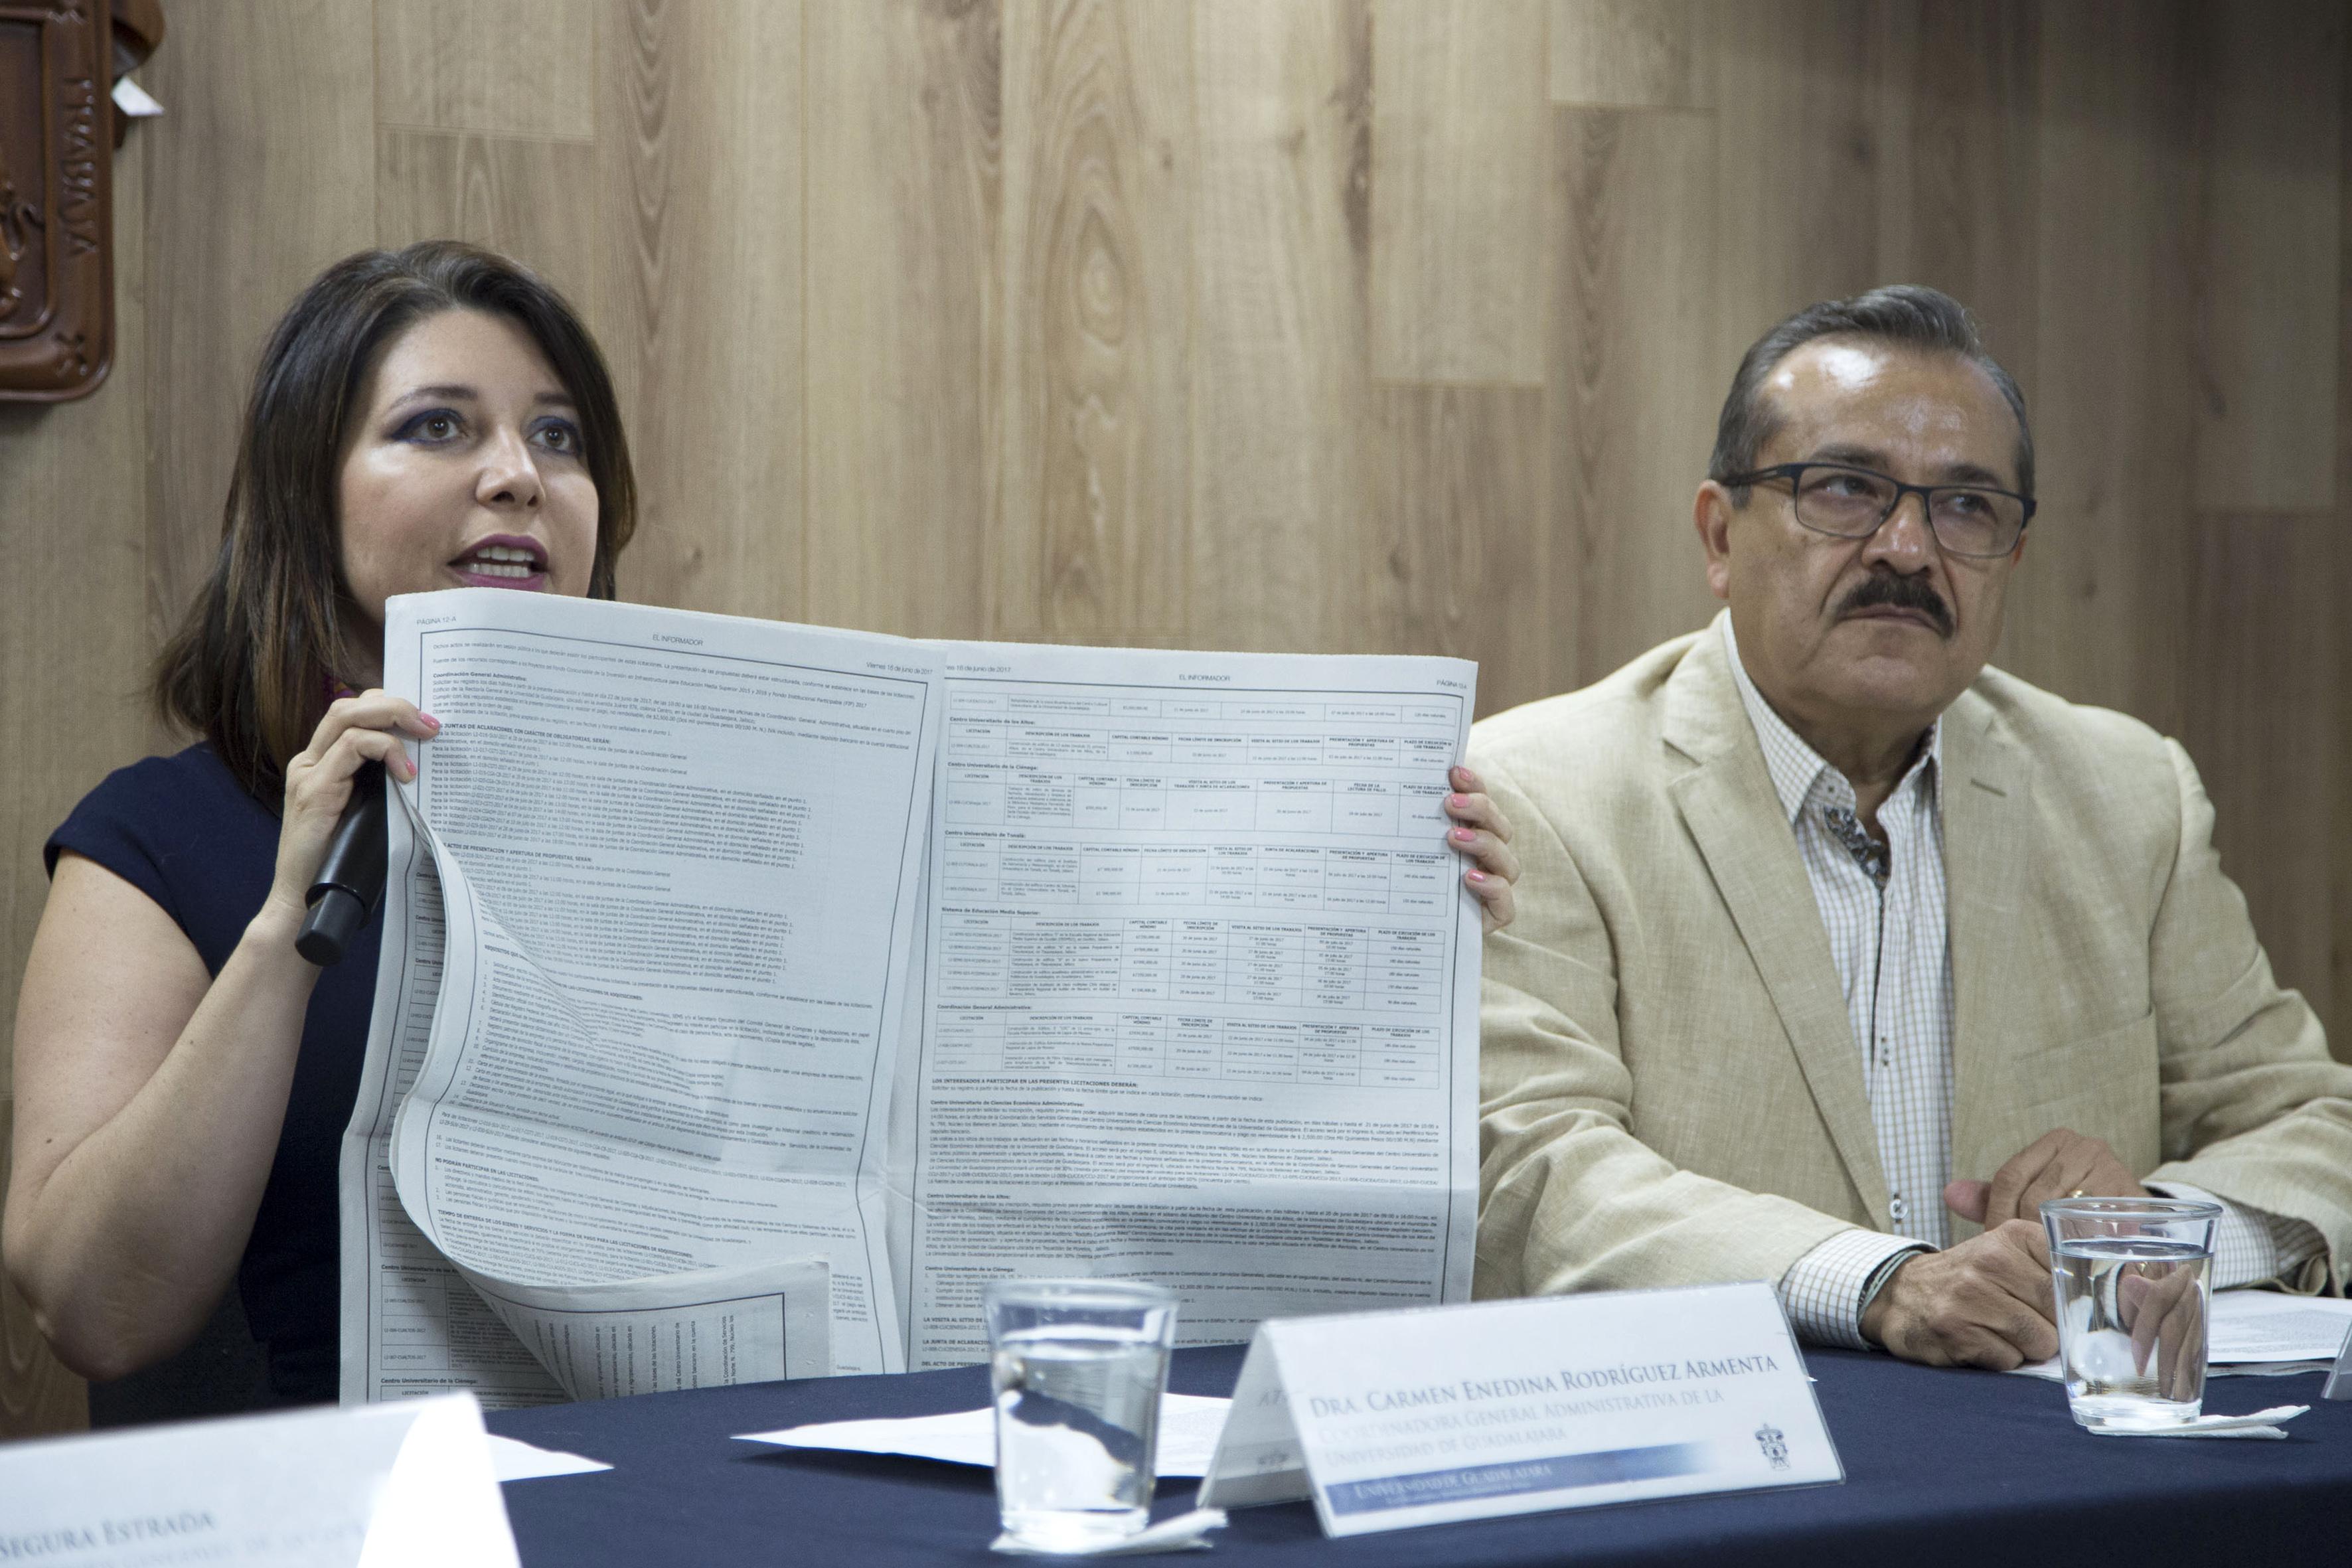 Doctora Carmen Enendina Rodriguez Armenta mostrando seccion de obras publicas del periodico informador